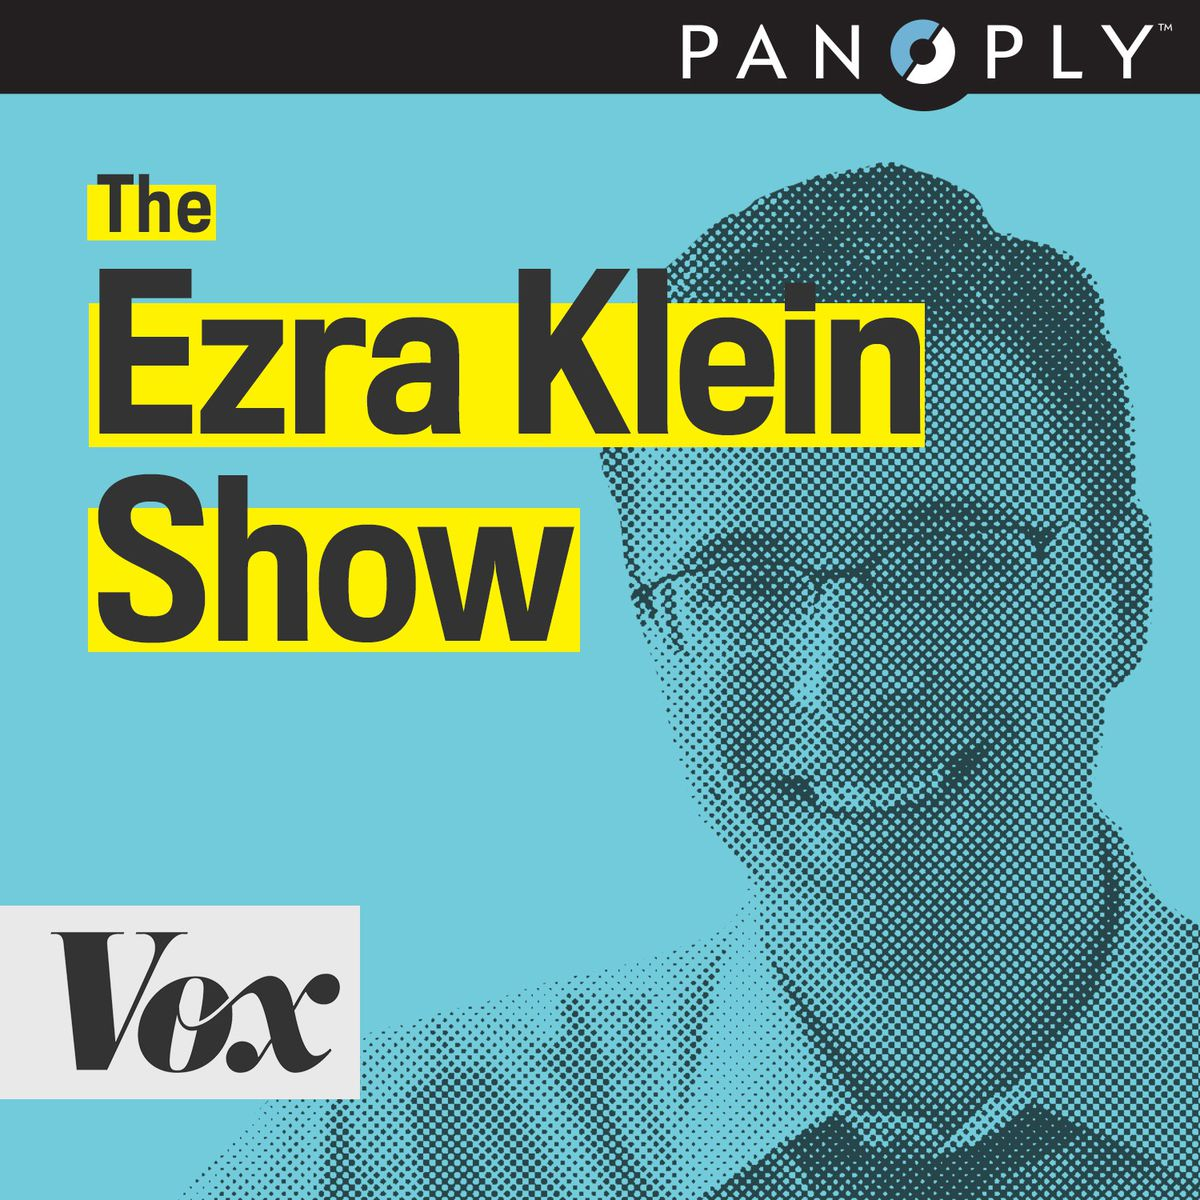 Ezra Klein Show